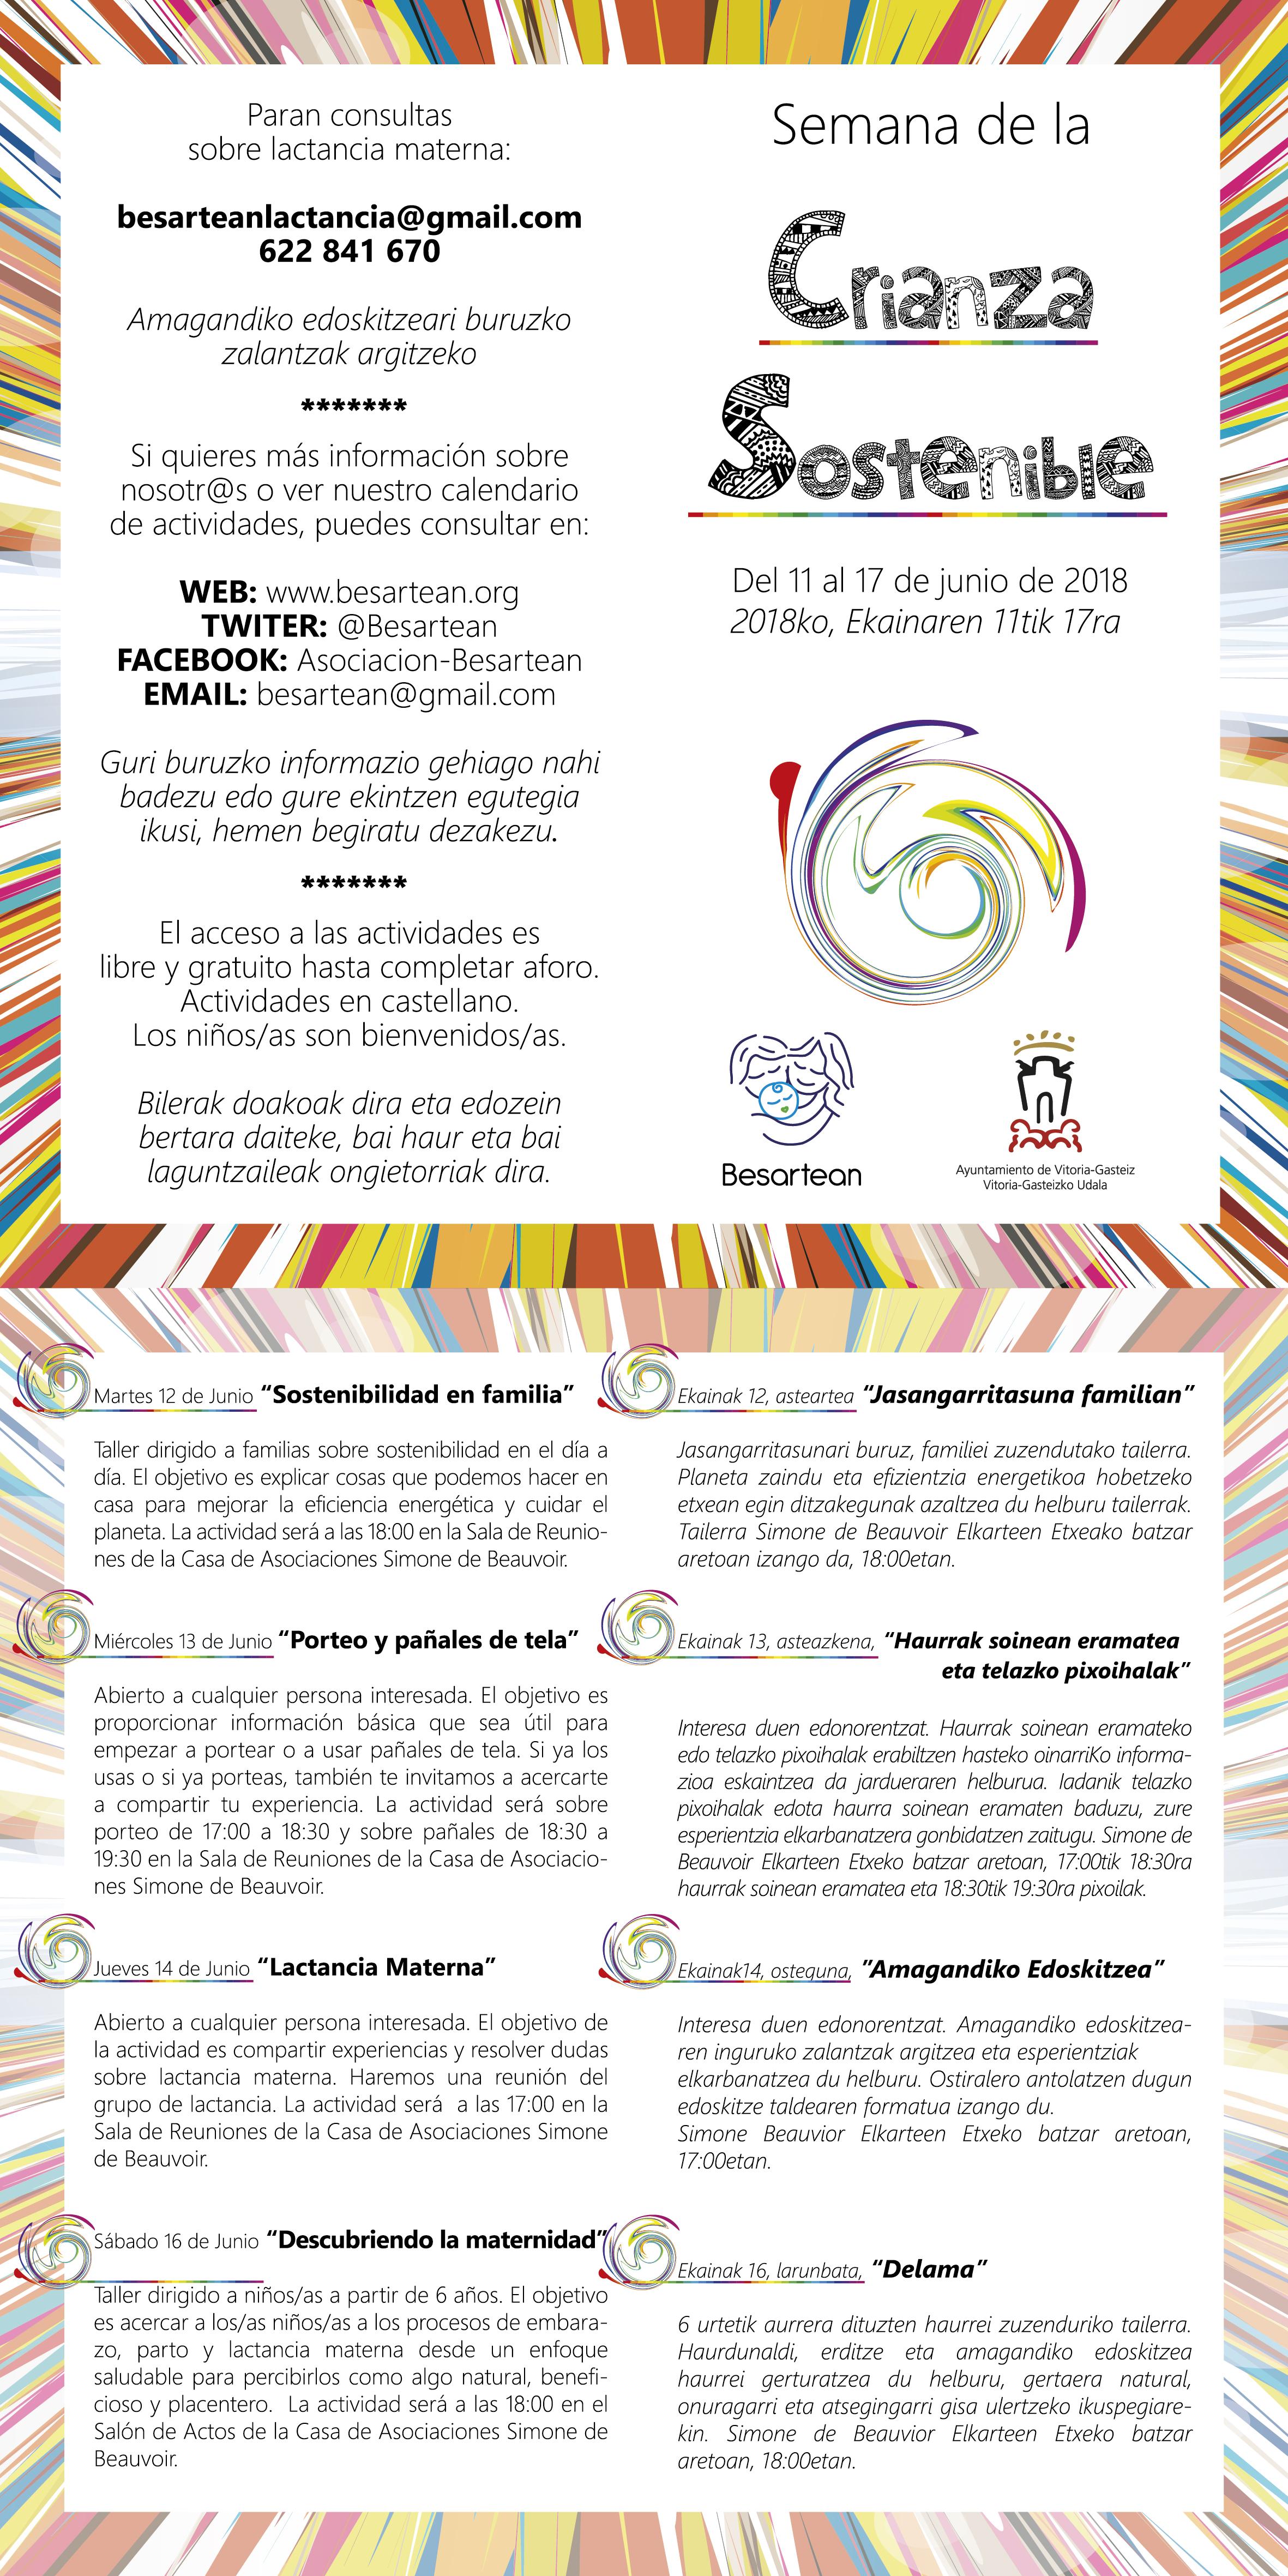 Semana crianza sostenible 2018 difusion